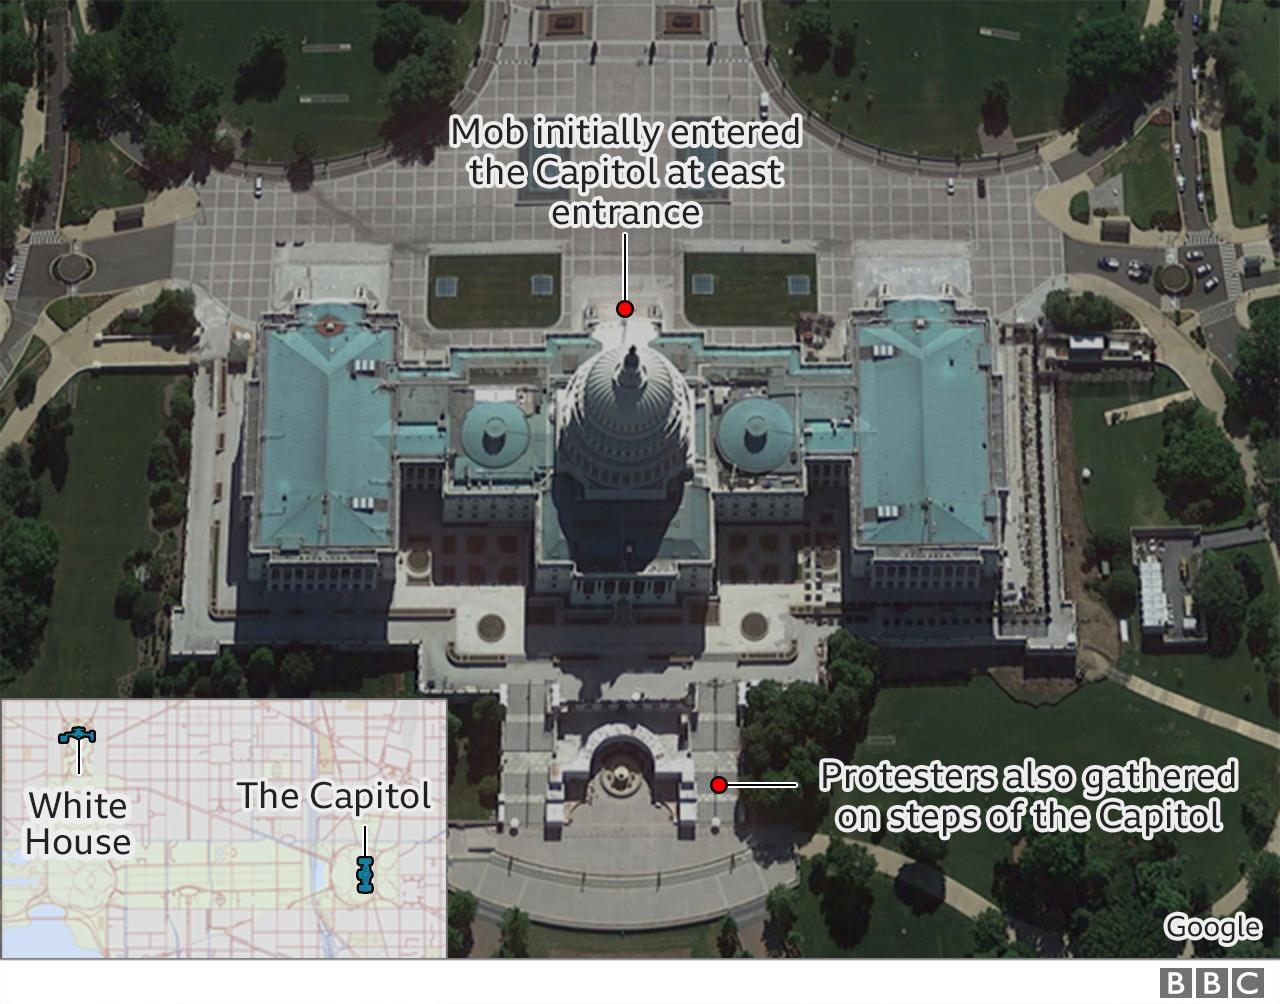 | أعمال الشغب في الكابيتول:الكونجرس يقر فوز جو بايدن بعد الاضطراب العنيف